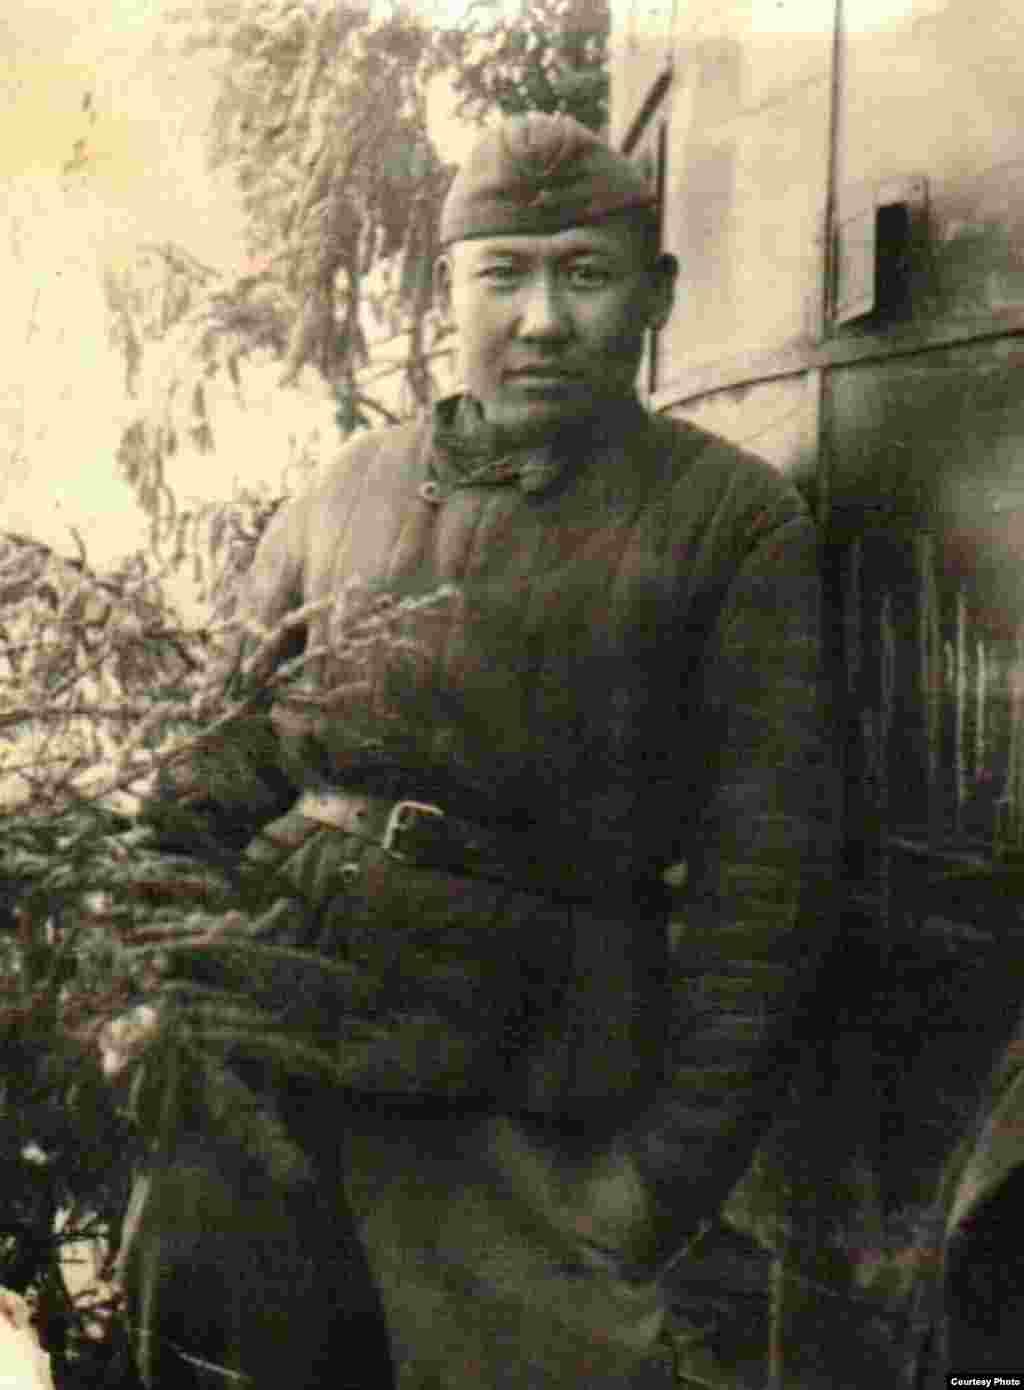 Маткерим Рахманбердиев был награжден медалями за освобождение 5 апреля города Орел, Смоленска (Россия) в 1943 году, Витебска (Беларусь) в 1944 году, Шаулей (Литва) в 1944 году, Восточной Пруссии в 1944 году. За освобождение Германии он был награжден орденом второй степени. Всего у него 14 медалей и орденов.